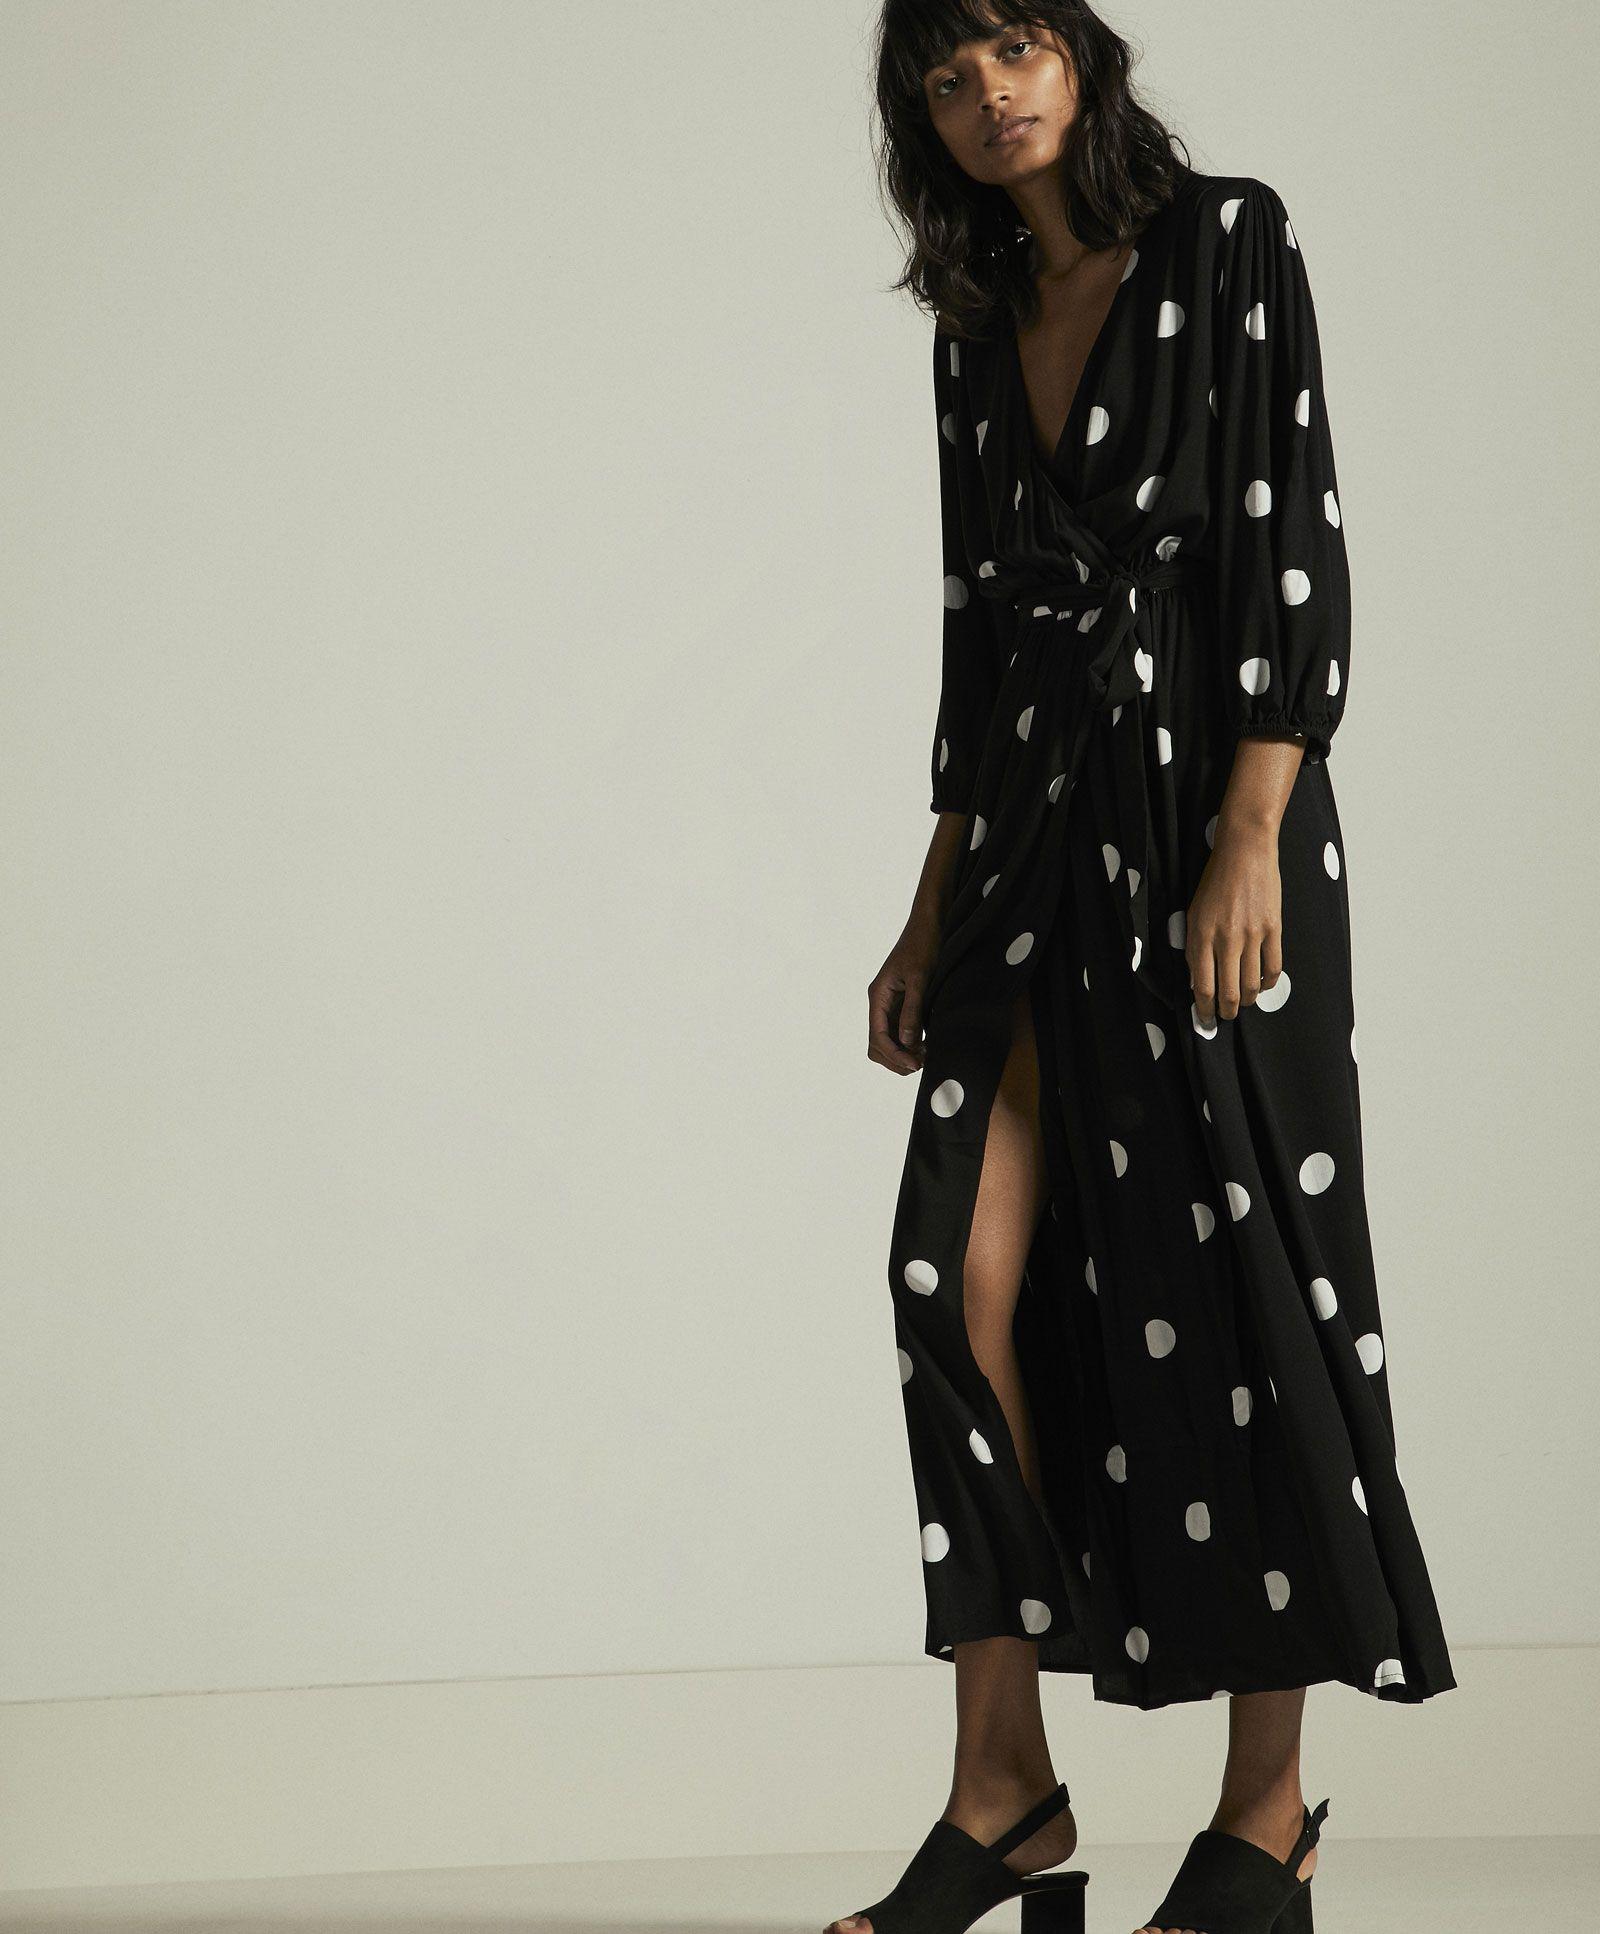 59a4b73646 Długa sukienka w grochy - Sukienki i spódnice - STROJE KĄPIELOWE I ODZIEŻ  PLAŻOWA